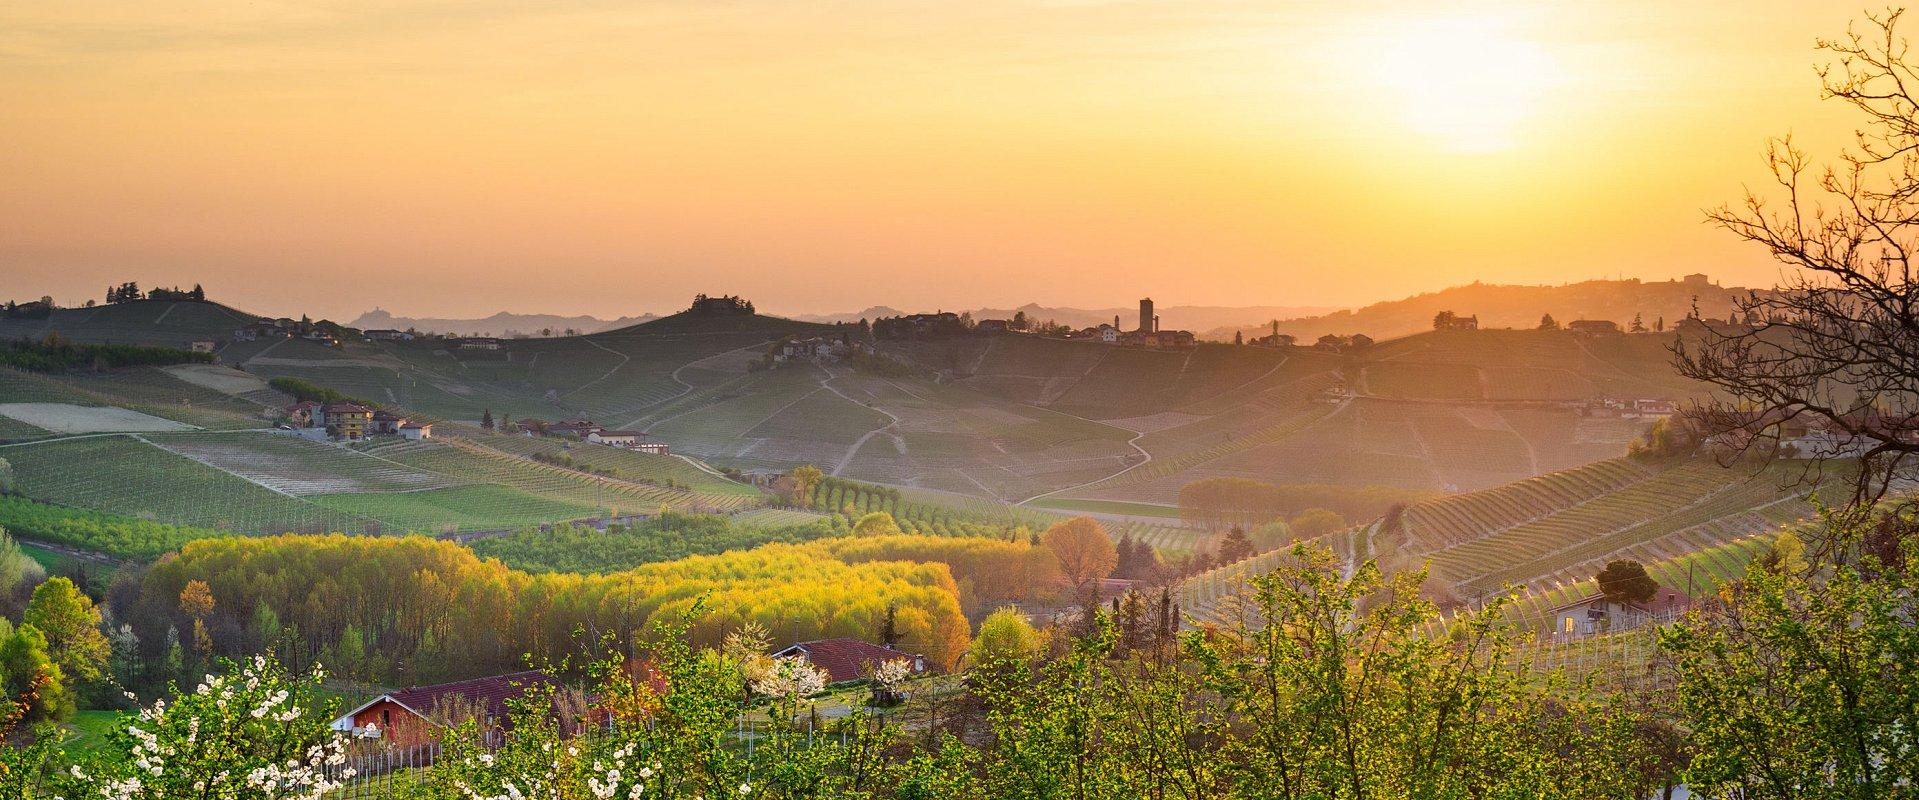 piemonte italie